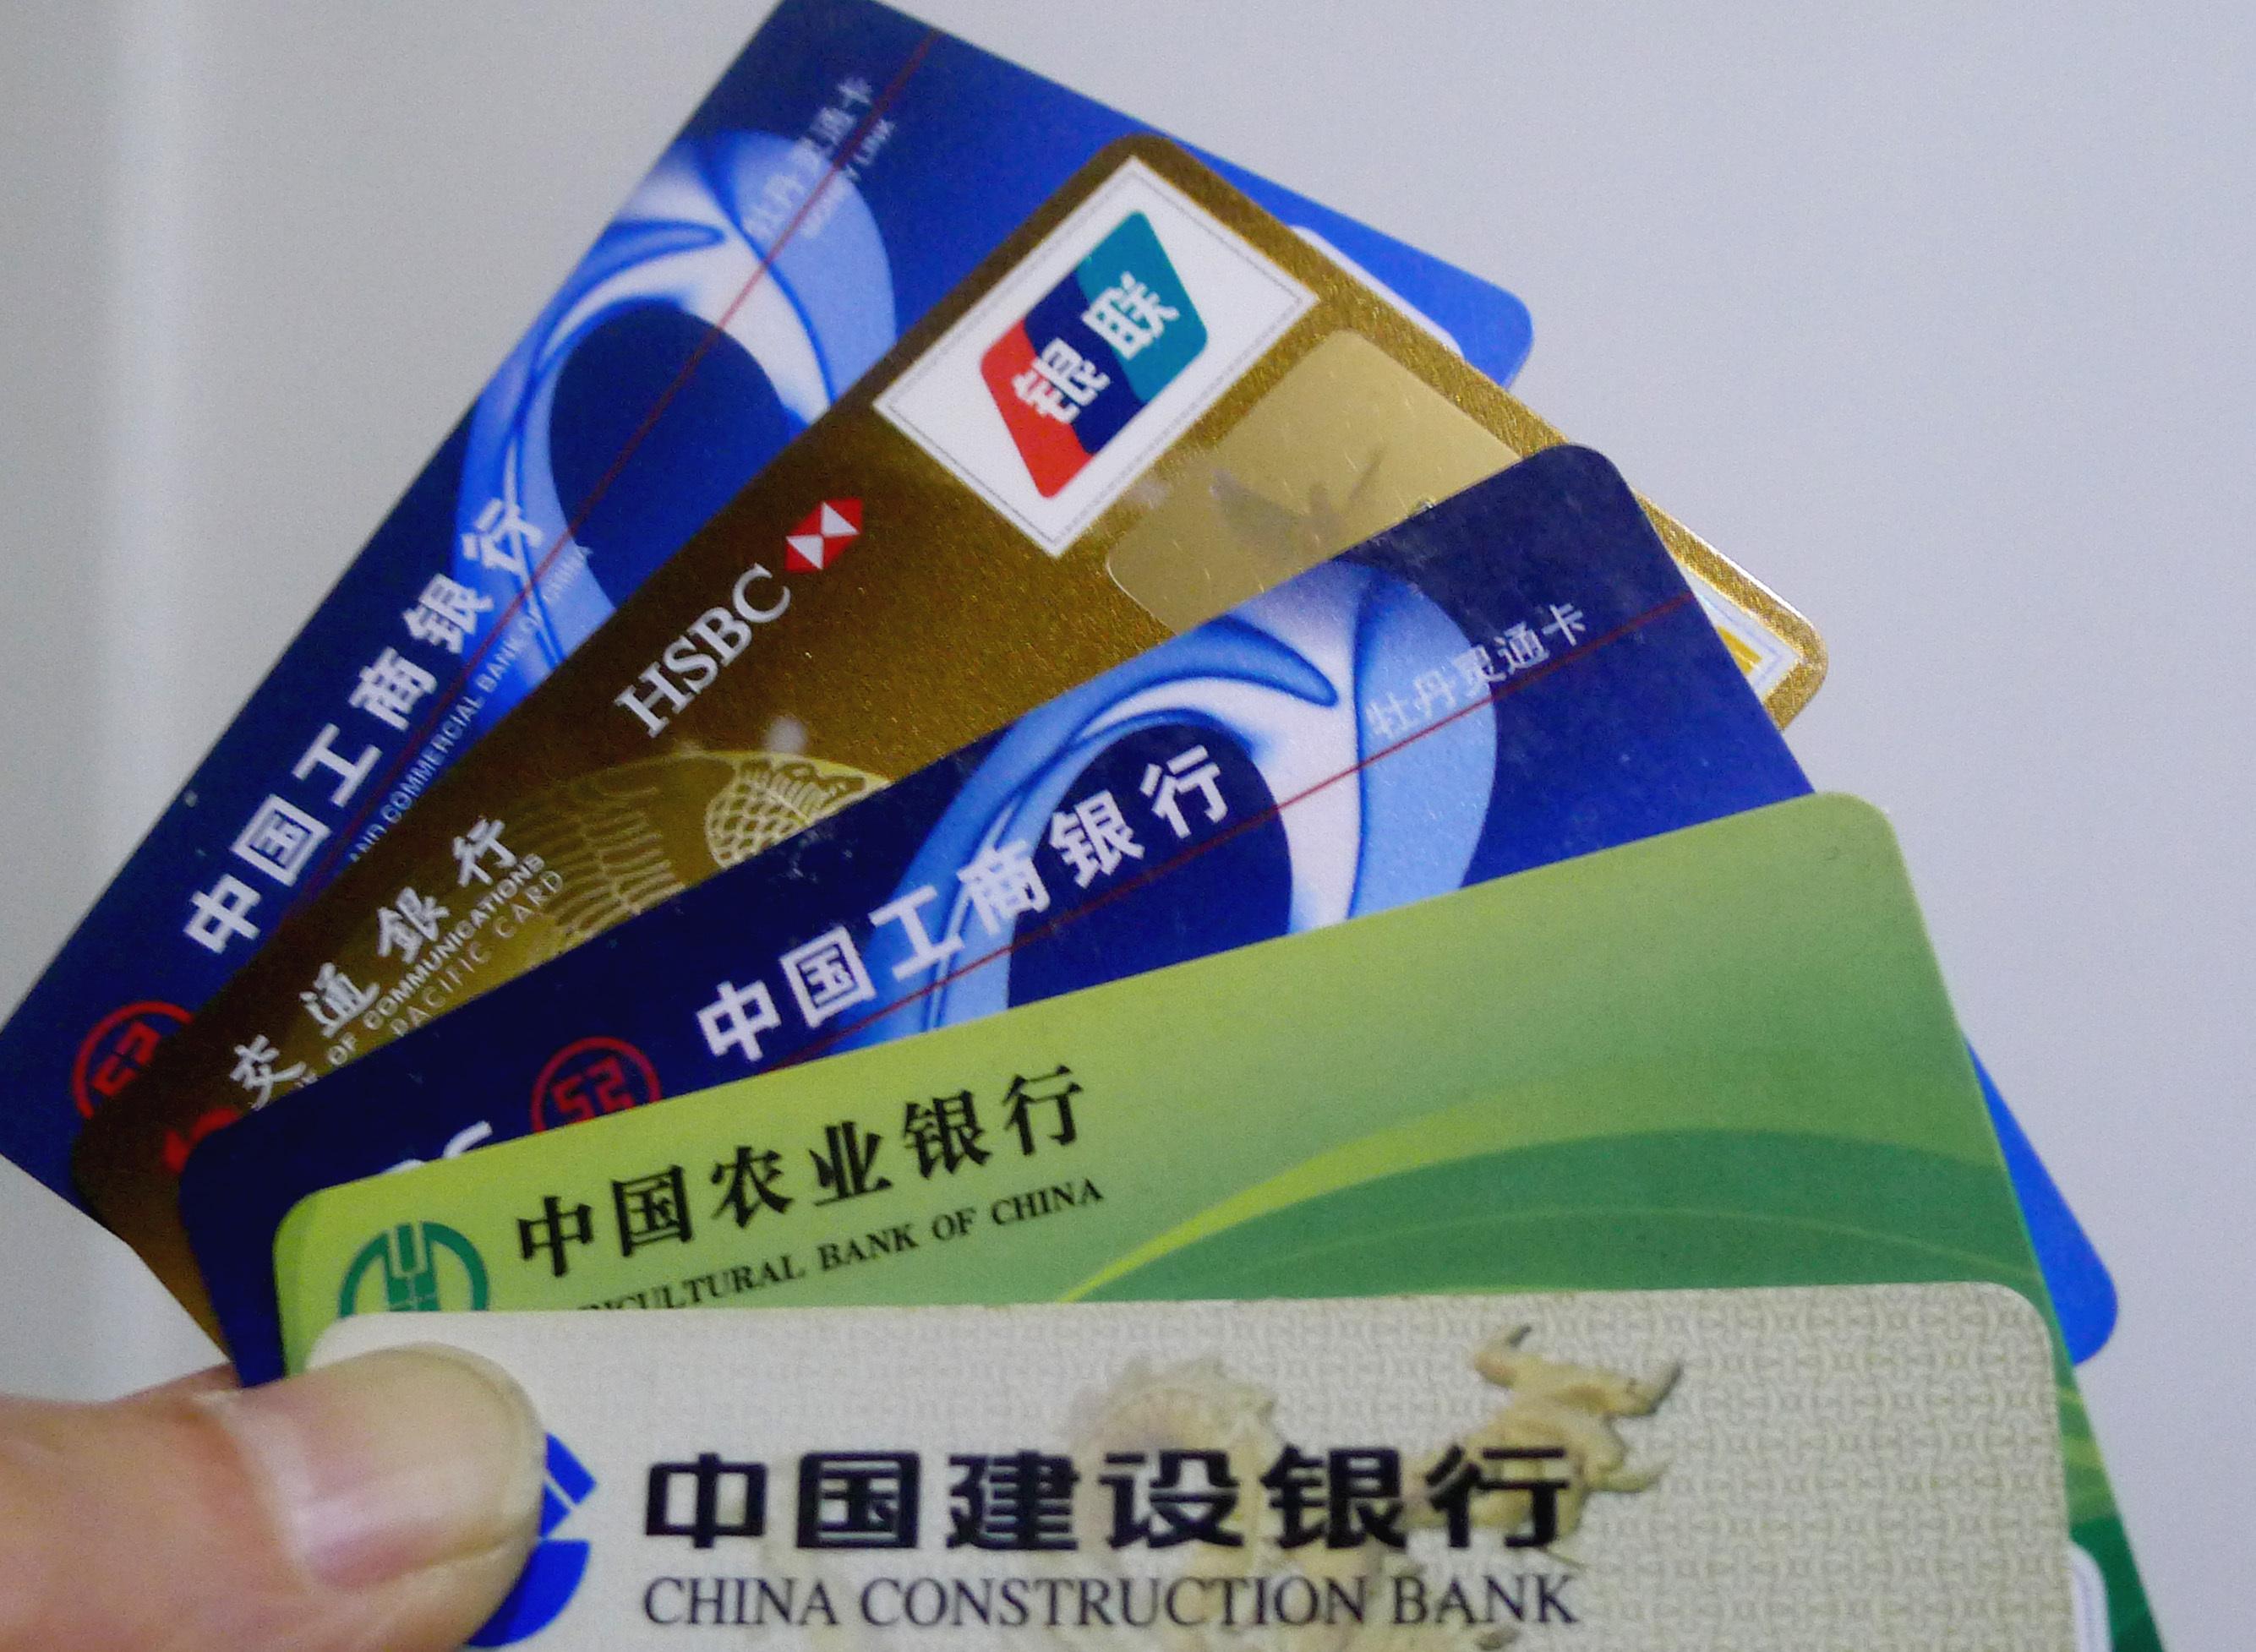 广发最值得办的5张信用卡,我才到手2张!